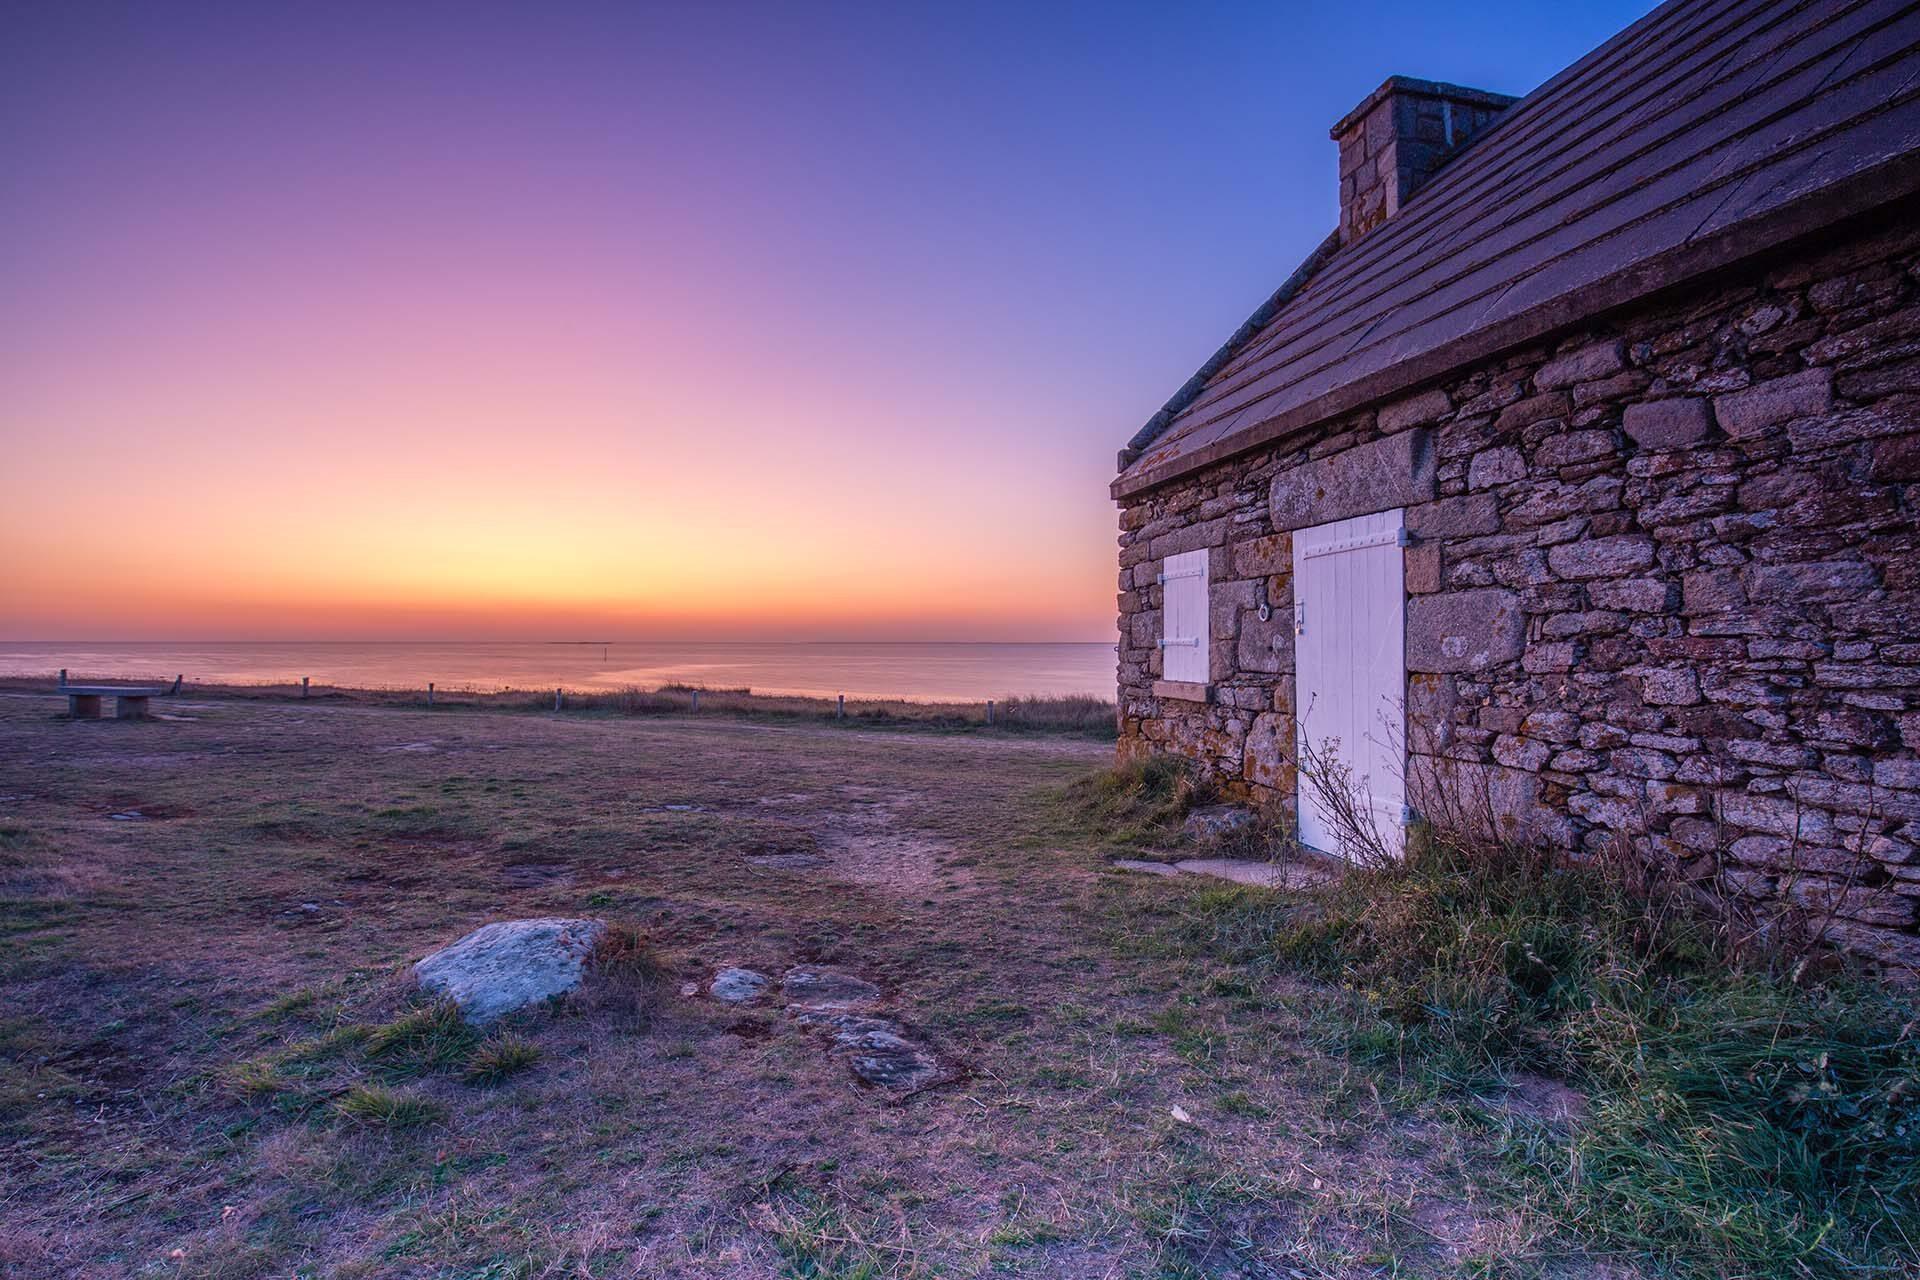 Admirer le coucher de soleil sur la côte sauvage de piriac sur mer